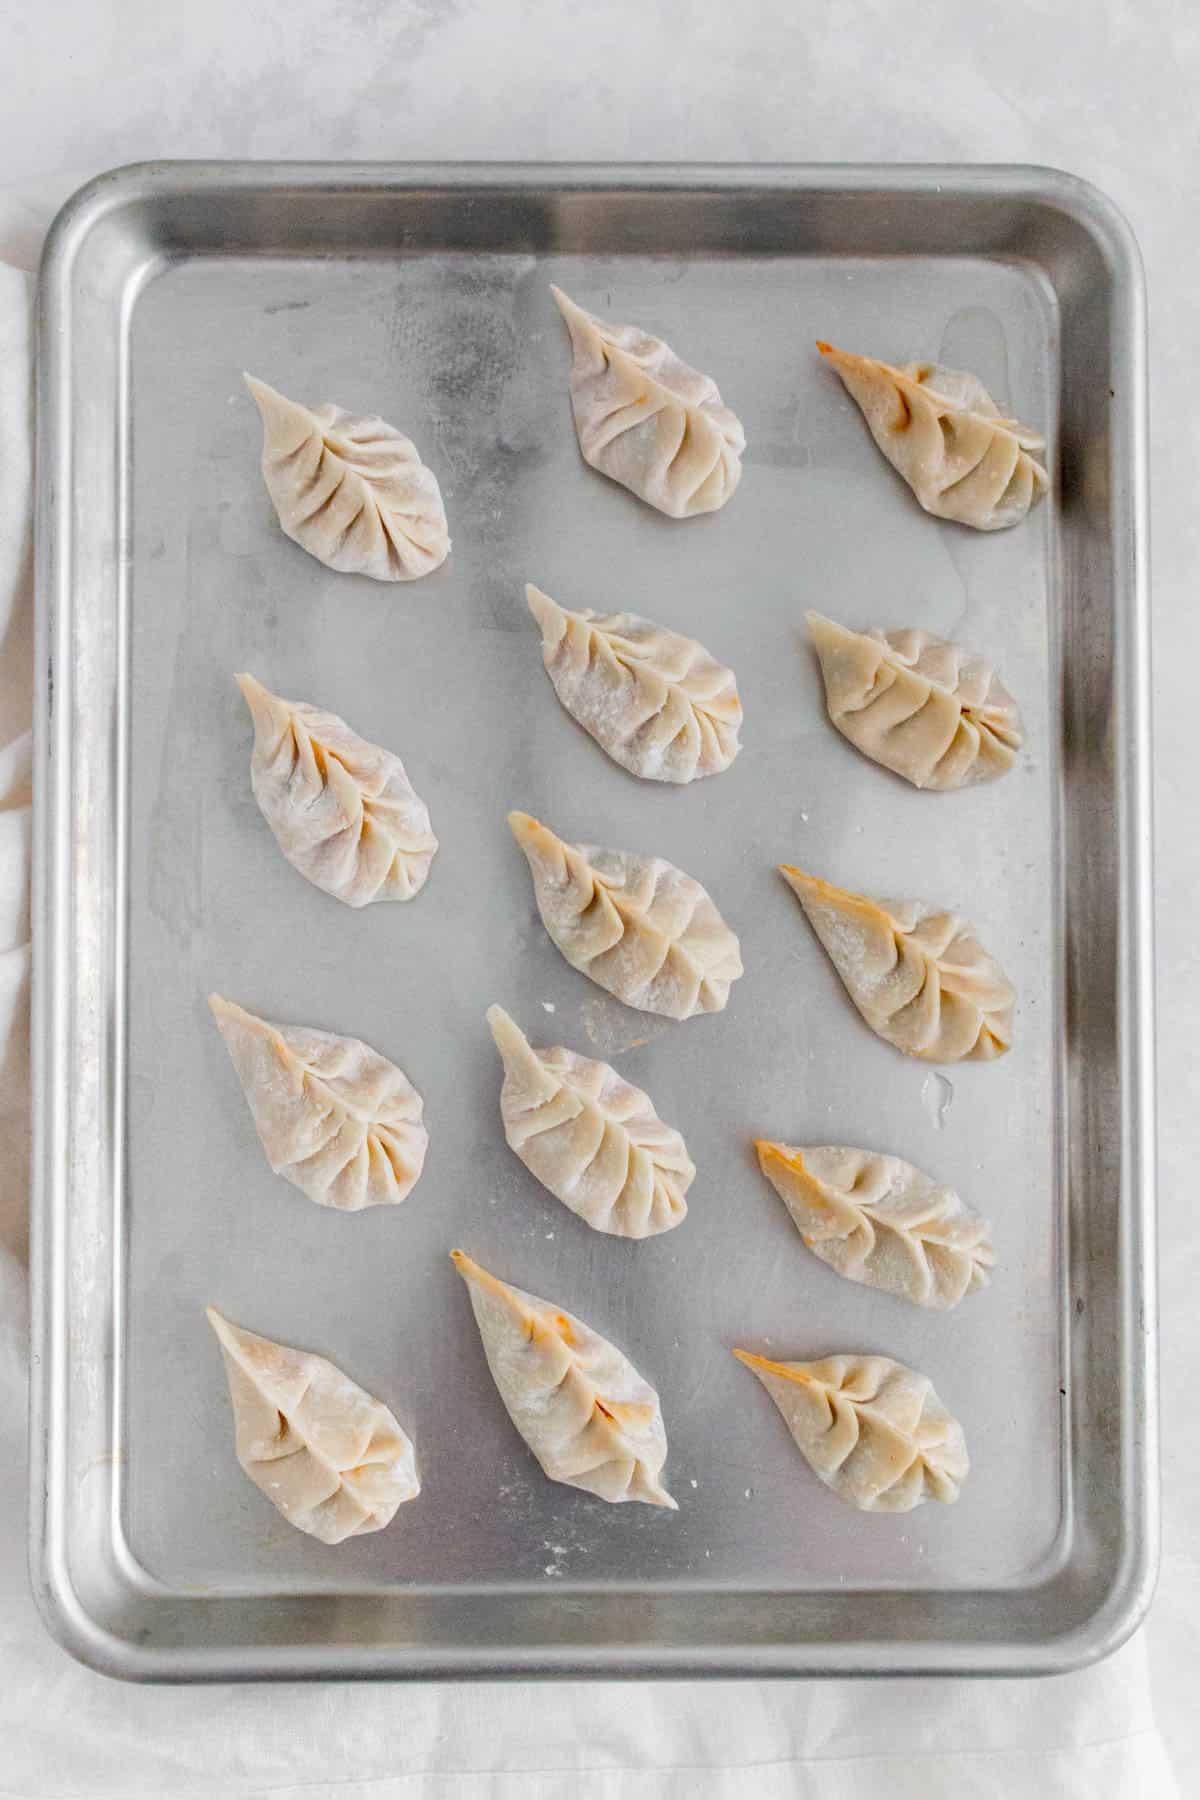 Frozen dumplings on a tray.